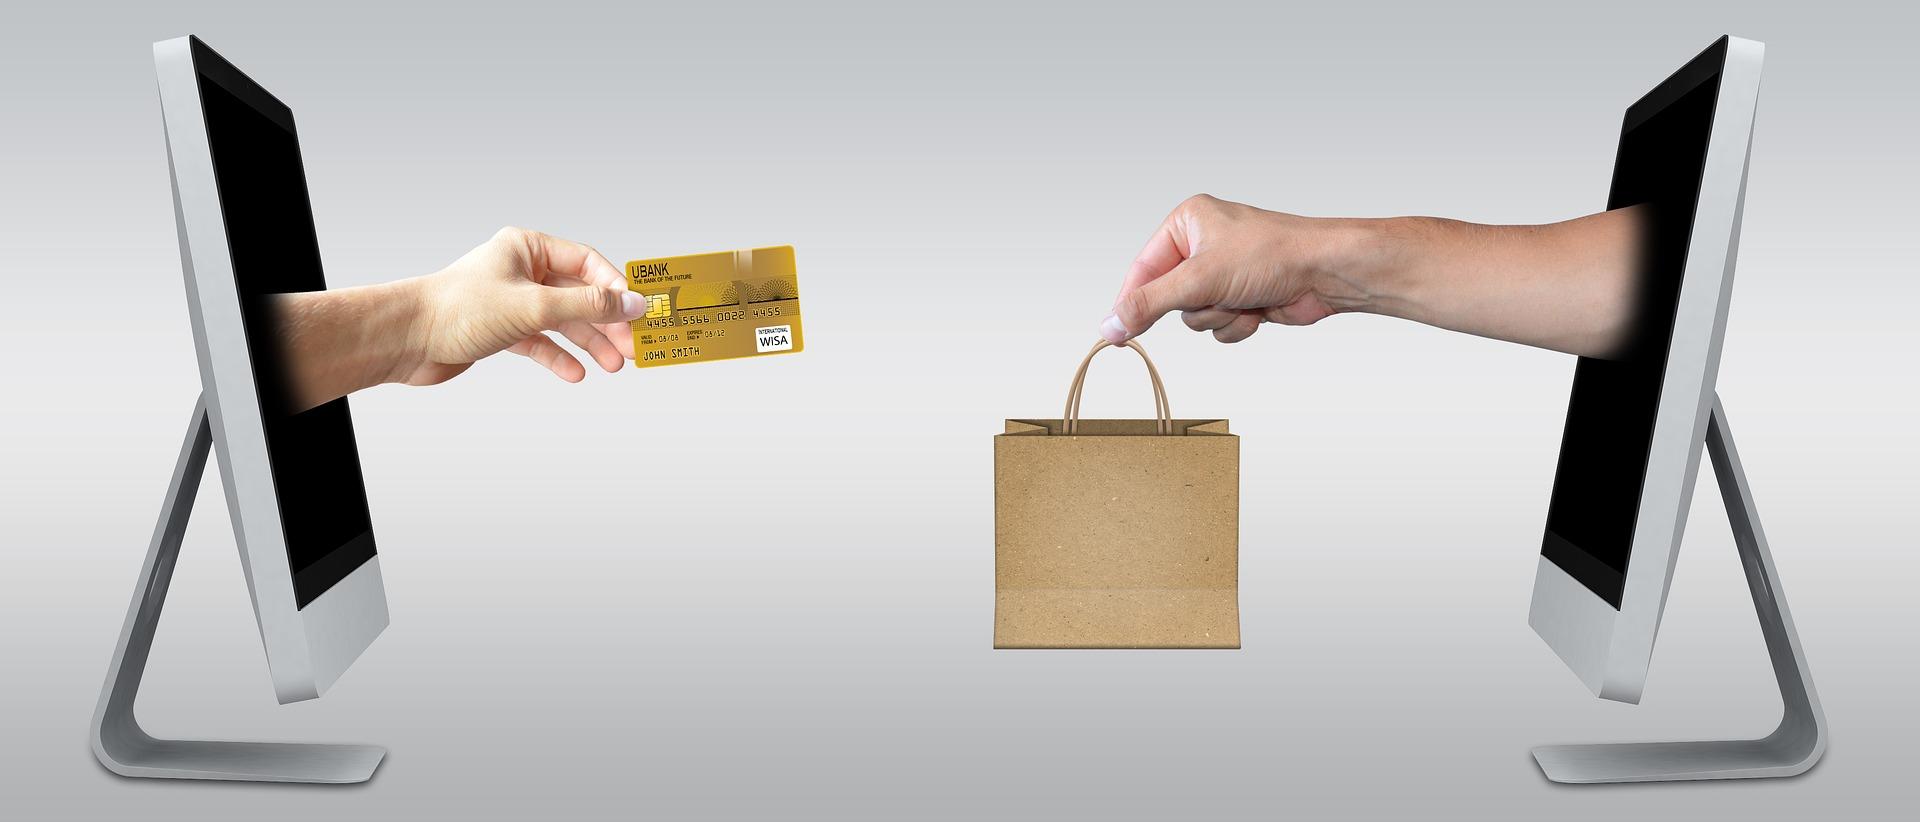 E-handel E-commerce Online shopping